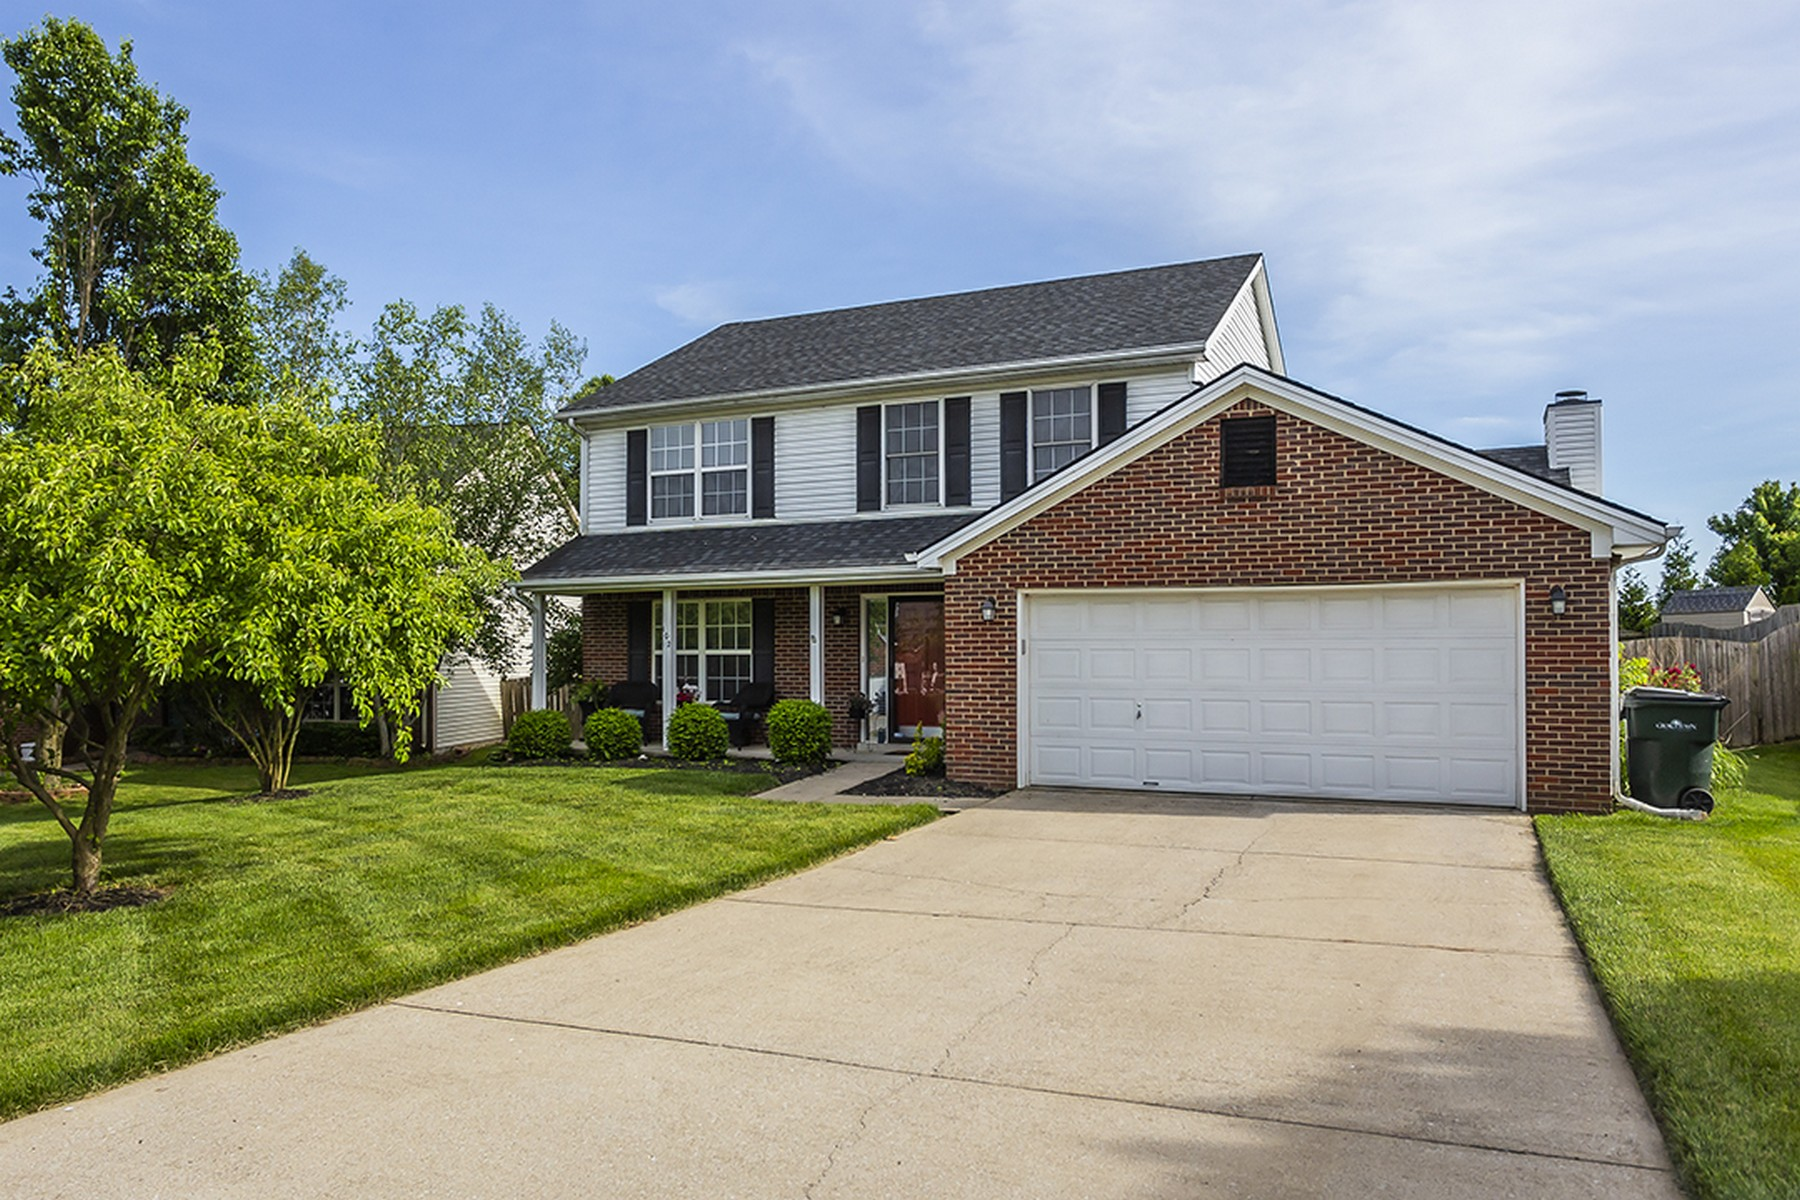 Частный односемейный дом для того Продажа на 102 Atwood Georgetown, Кентукки 40324 Соединенные Штаты